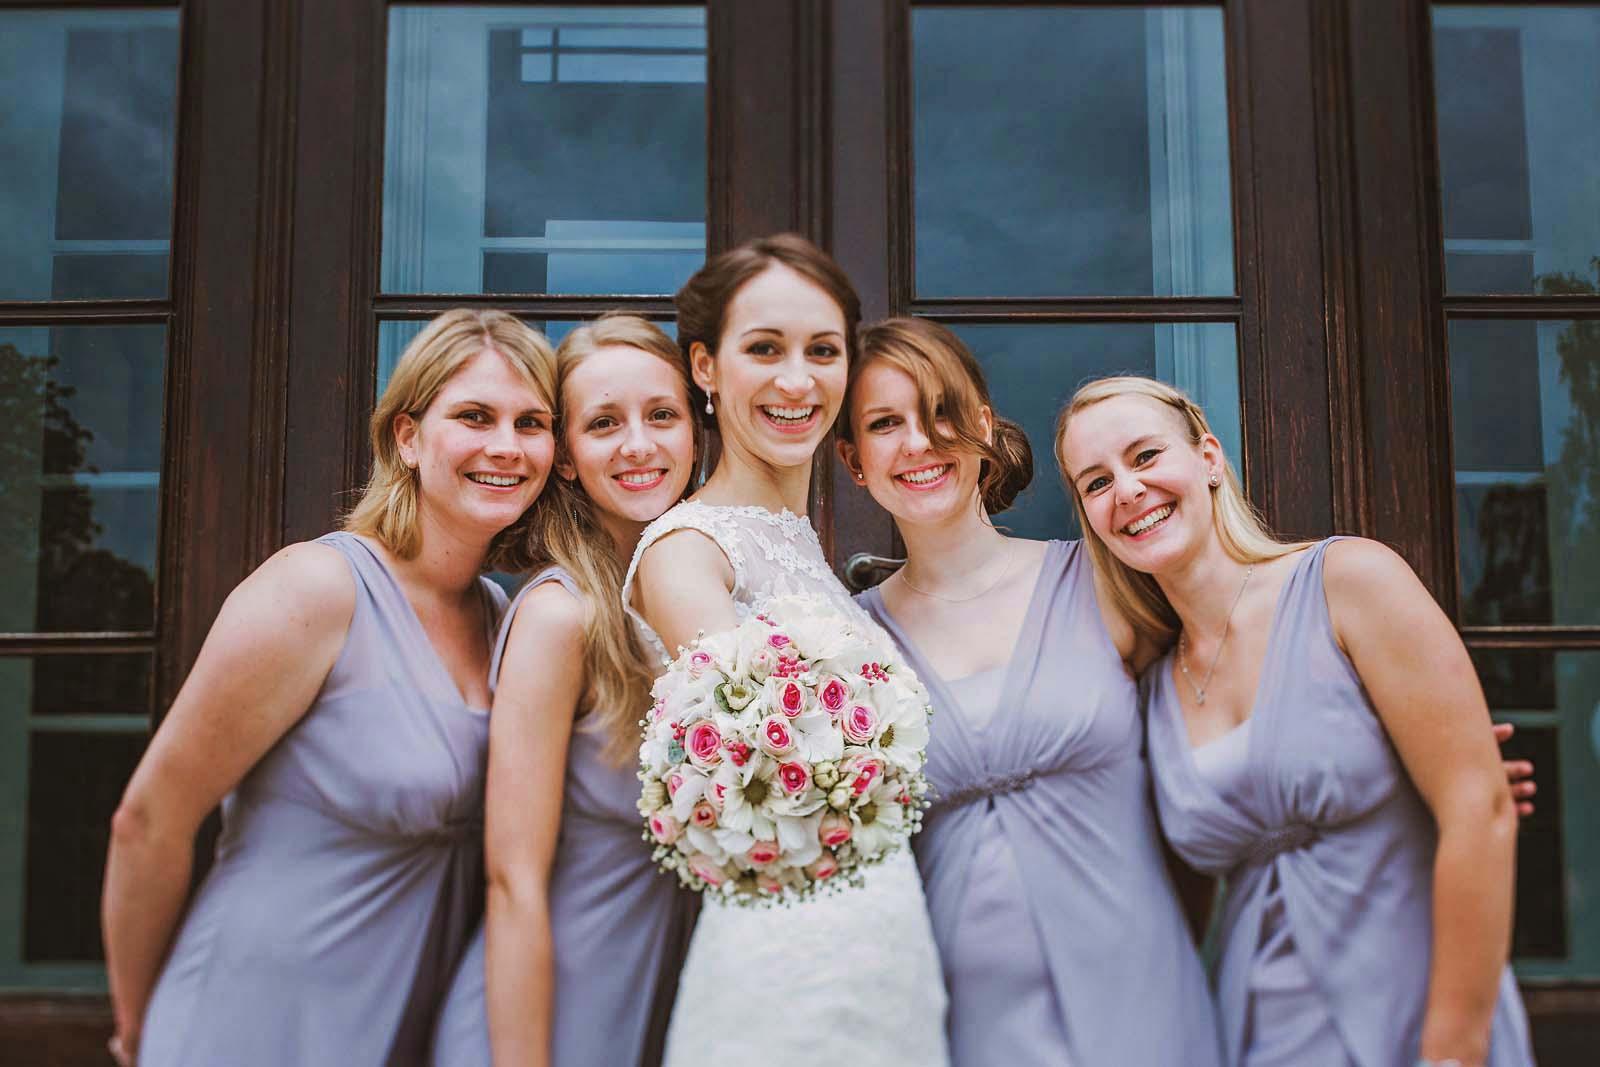 Brautjungfern rahmen Braut ein beim Gruppenfoto vom professionellem Hochzeitsfotograf Copyright by Hochzeitsfotograf www.berliner-hochzeitsfotografie.de